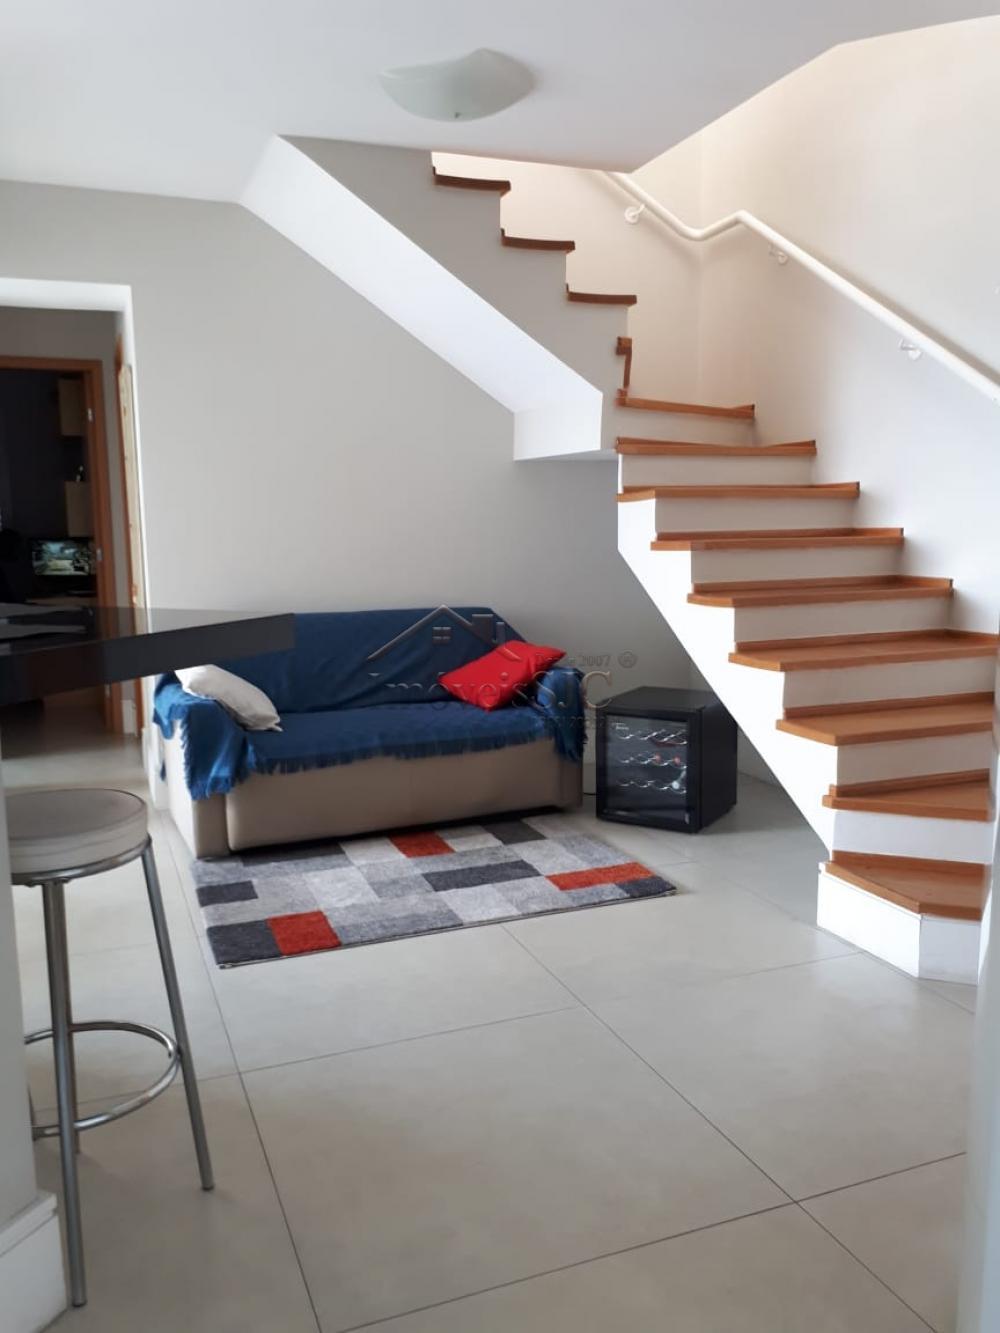 Alugar Apartamentos / Cobertura em São José dos Campos apenas R$ 3.500,00 - Foto 4